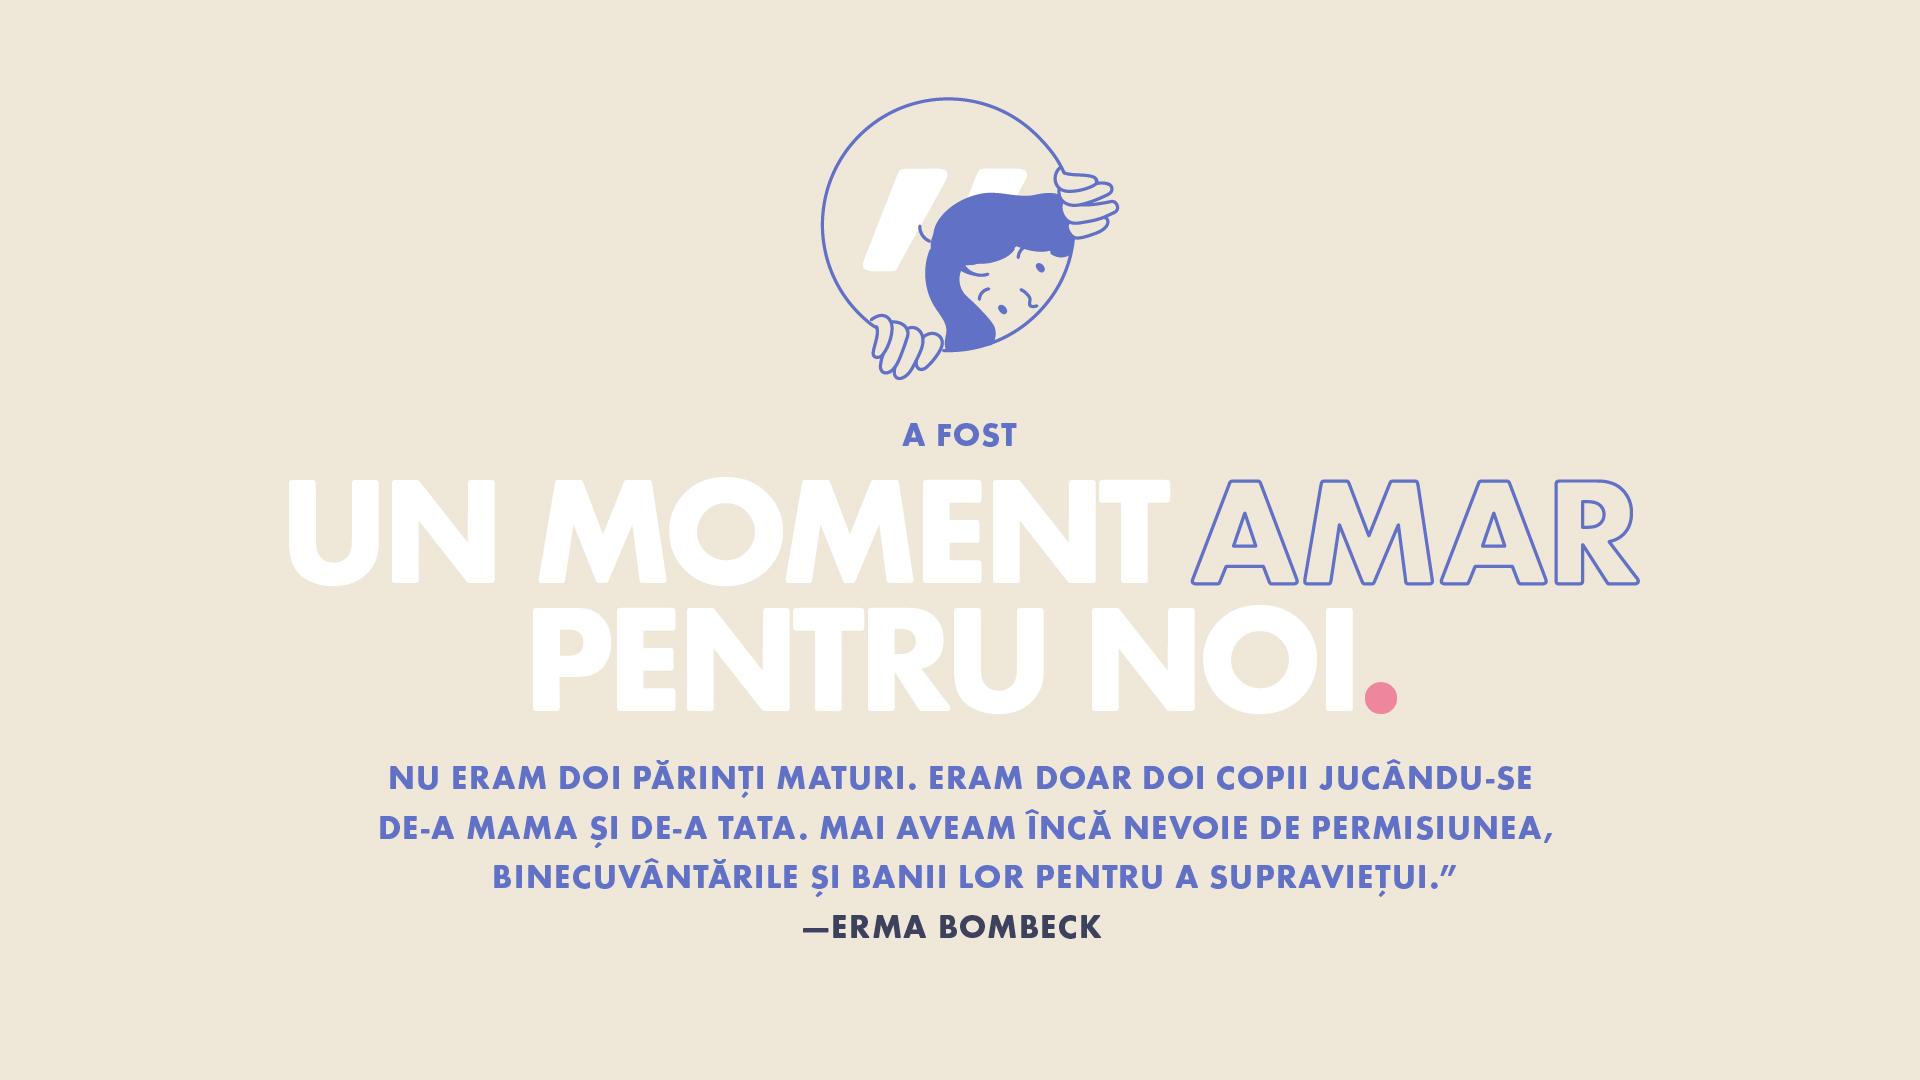 """""""A fost un moment amar pentru noi.""""—Erma Bombeck"""